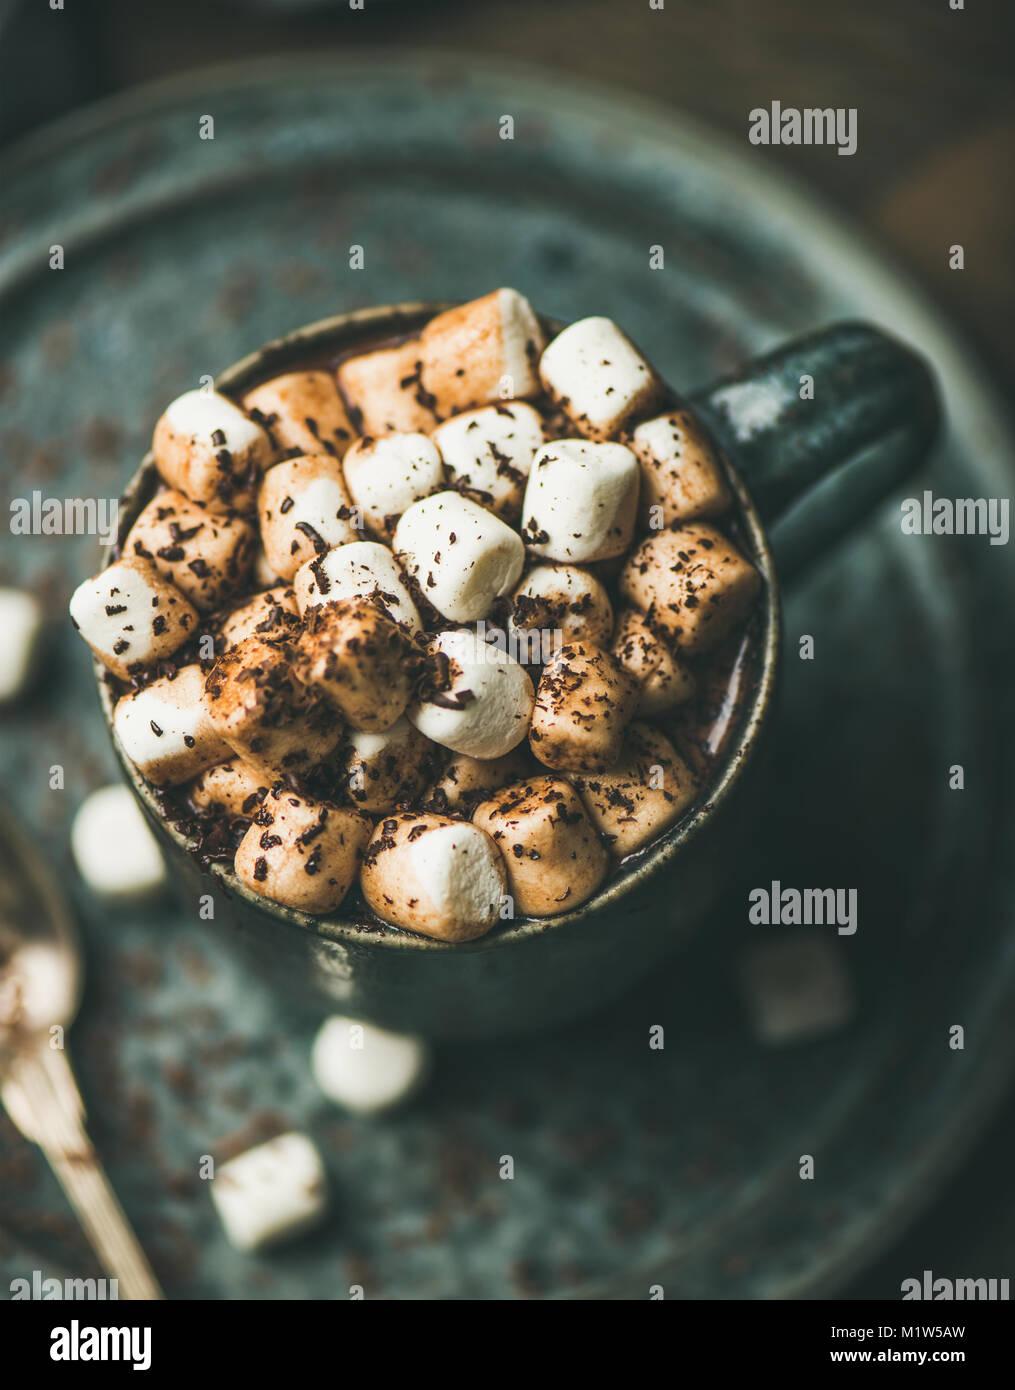 El calentamiento invernal chocolate caliente con malvaviscos en taza Foto de stock